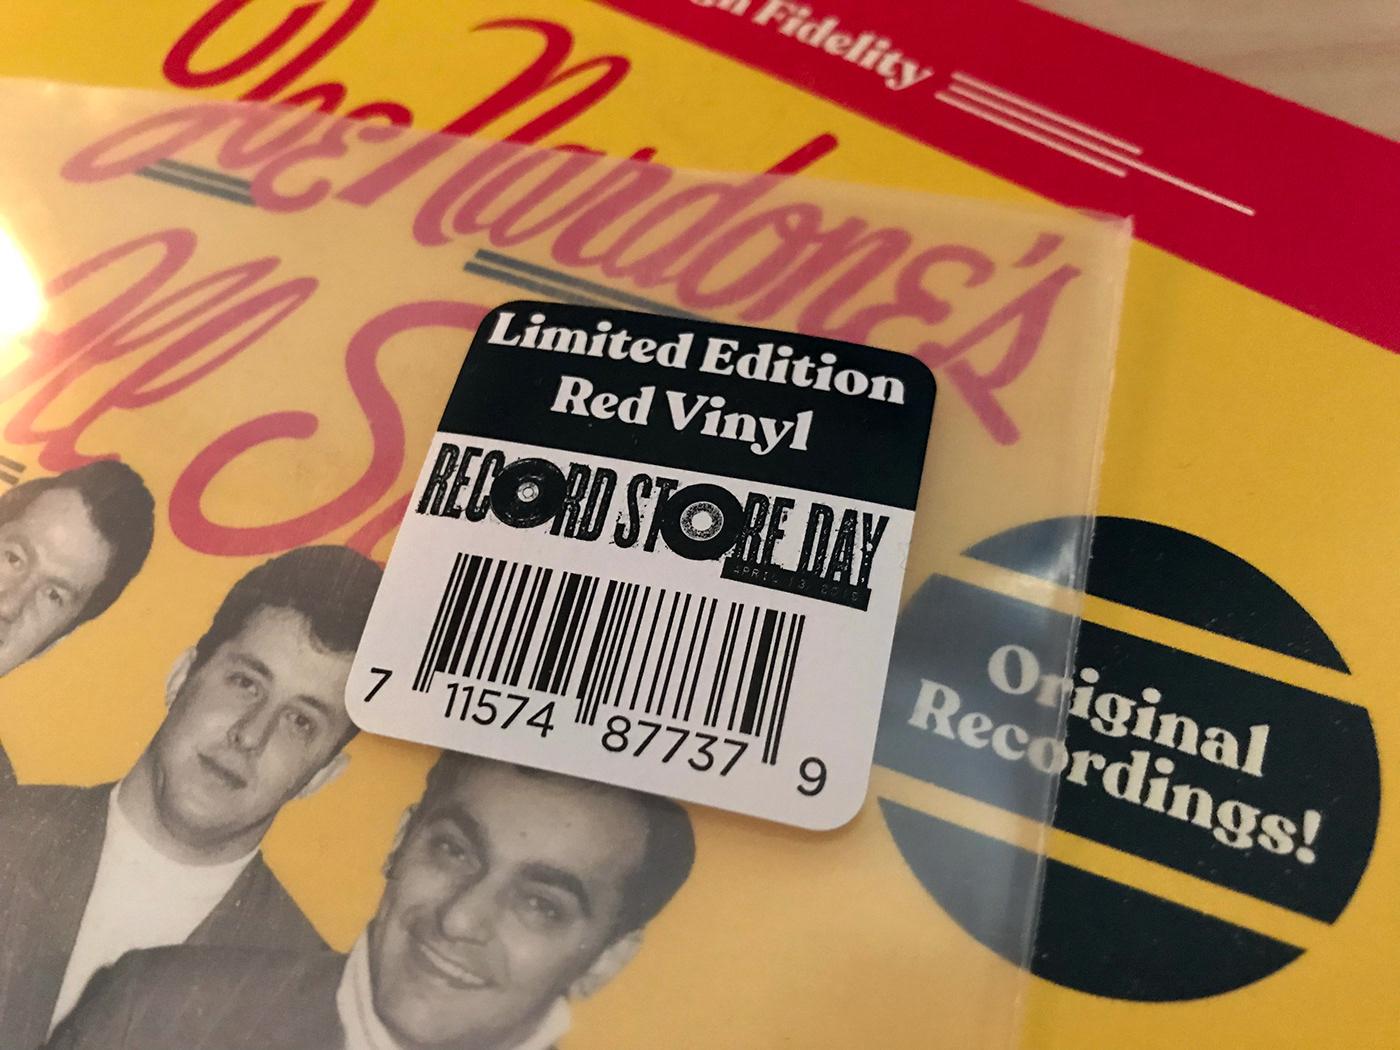 RSD vinyl Record Store Day doo wop 60's vinyl design vinyl collector